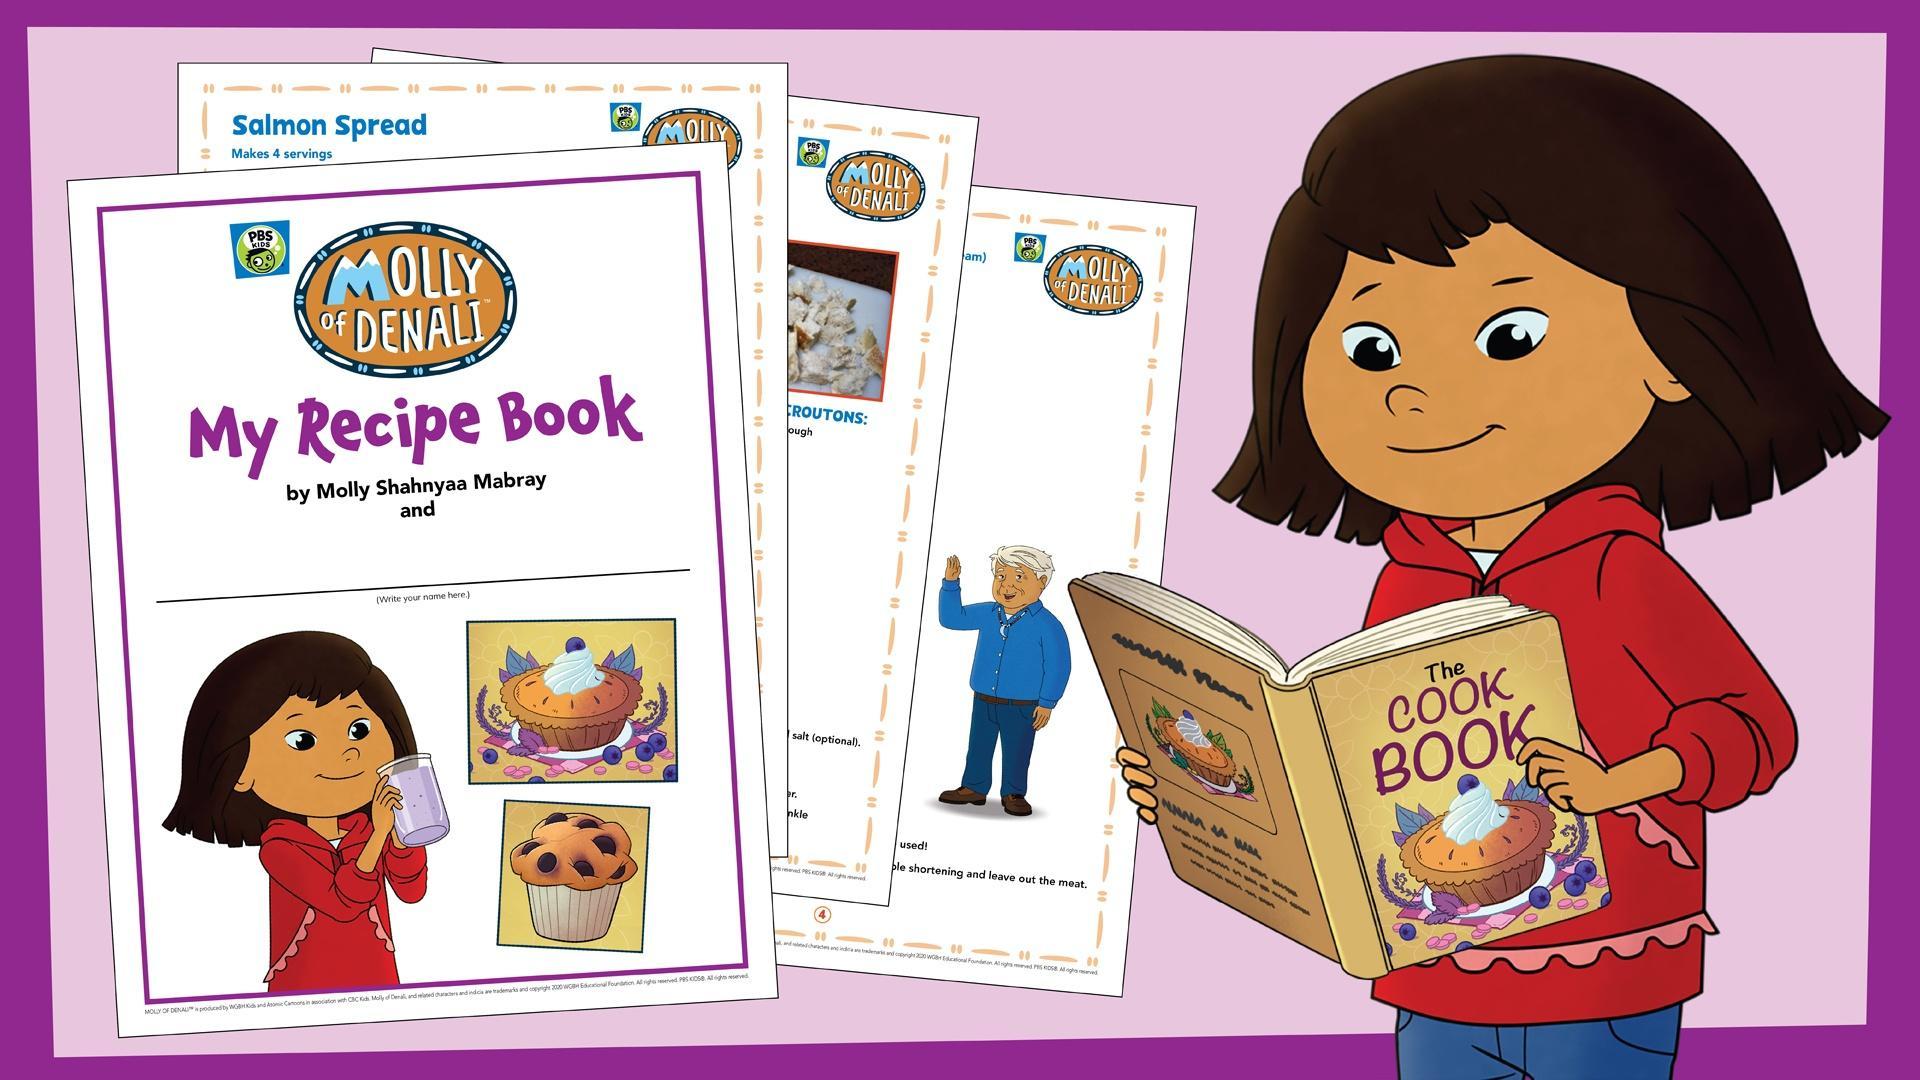 Molly Recipe Book